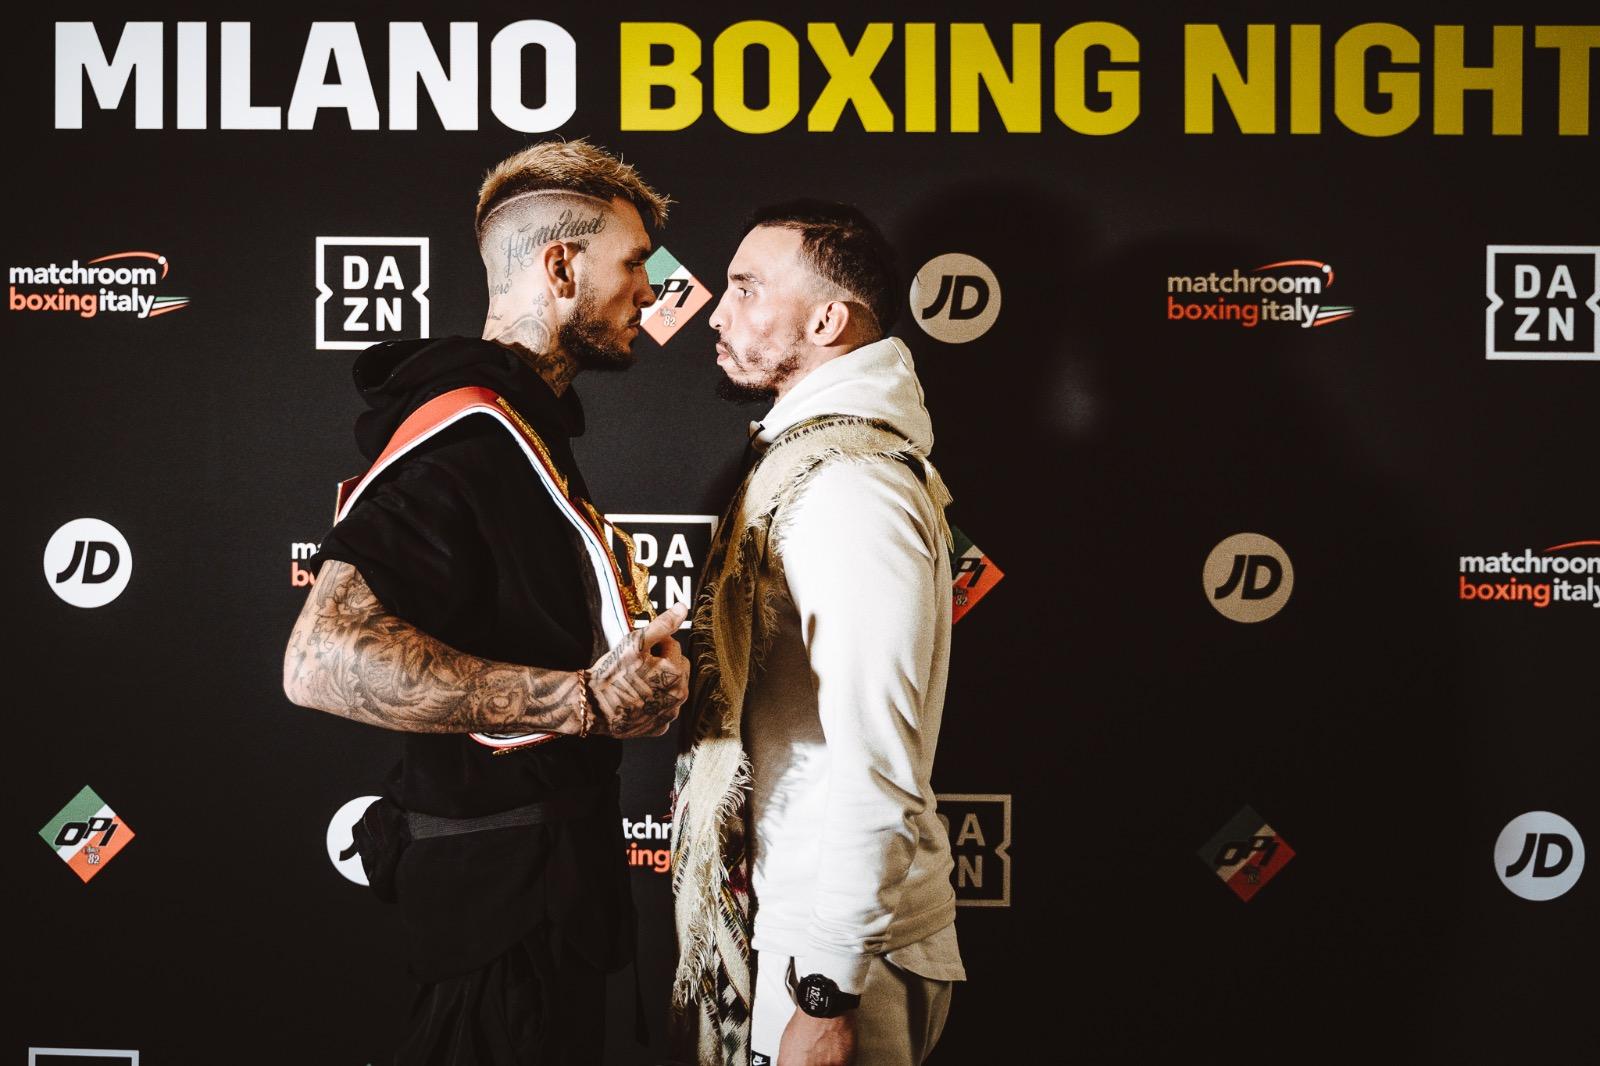 Boxe - Presentate dalla OPI 82 le tre sfide titolate di venerdì 25 ottobre all'ex Palalido, sulla Terrazza Duomo di Milano